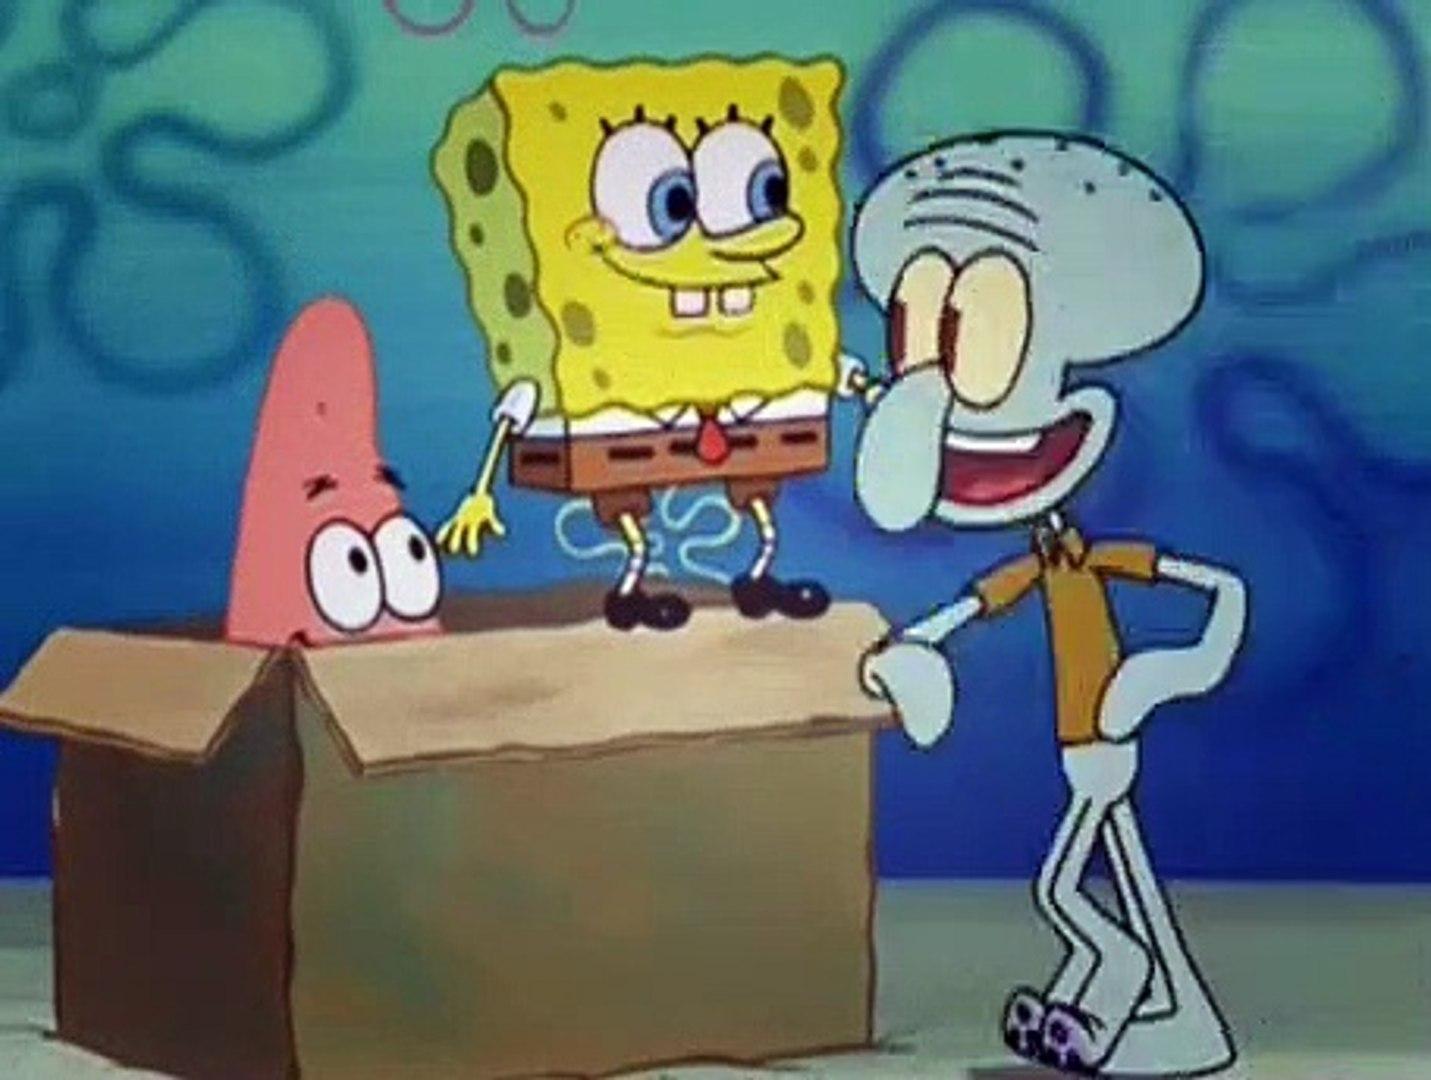 SpongeBob SquarePants S03E08 The Idiot Box